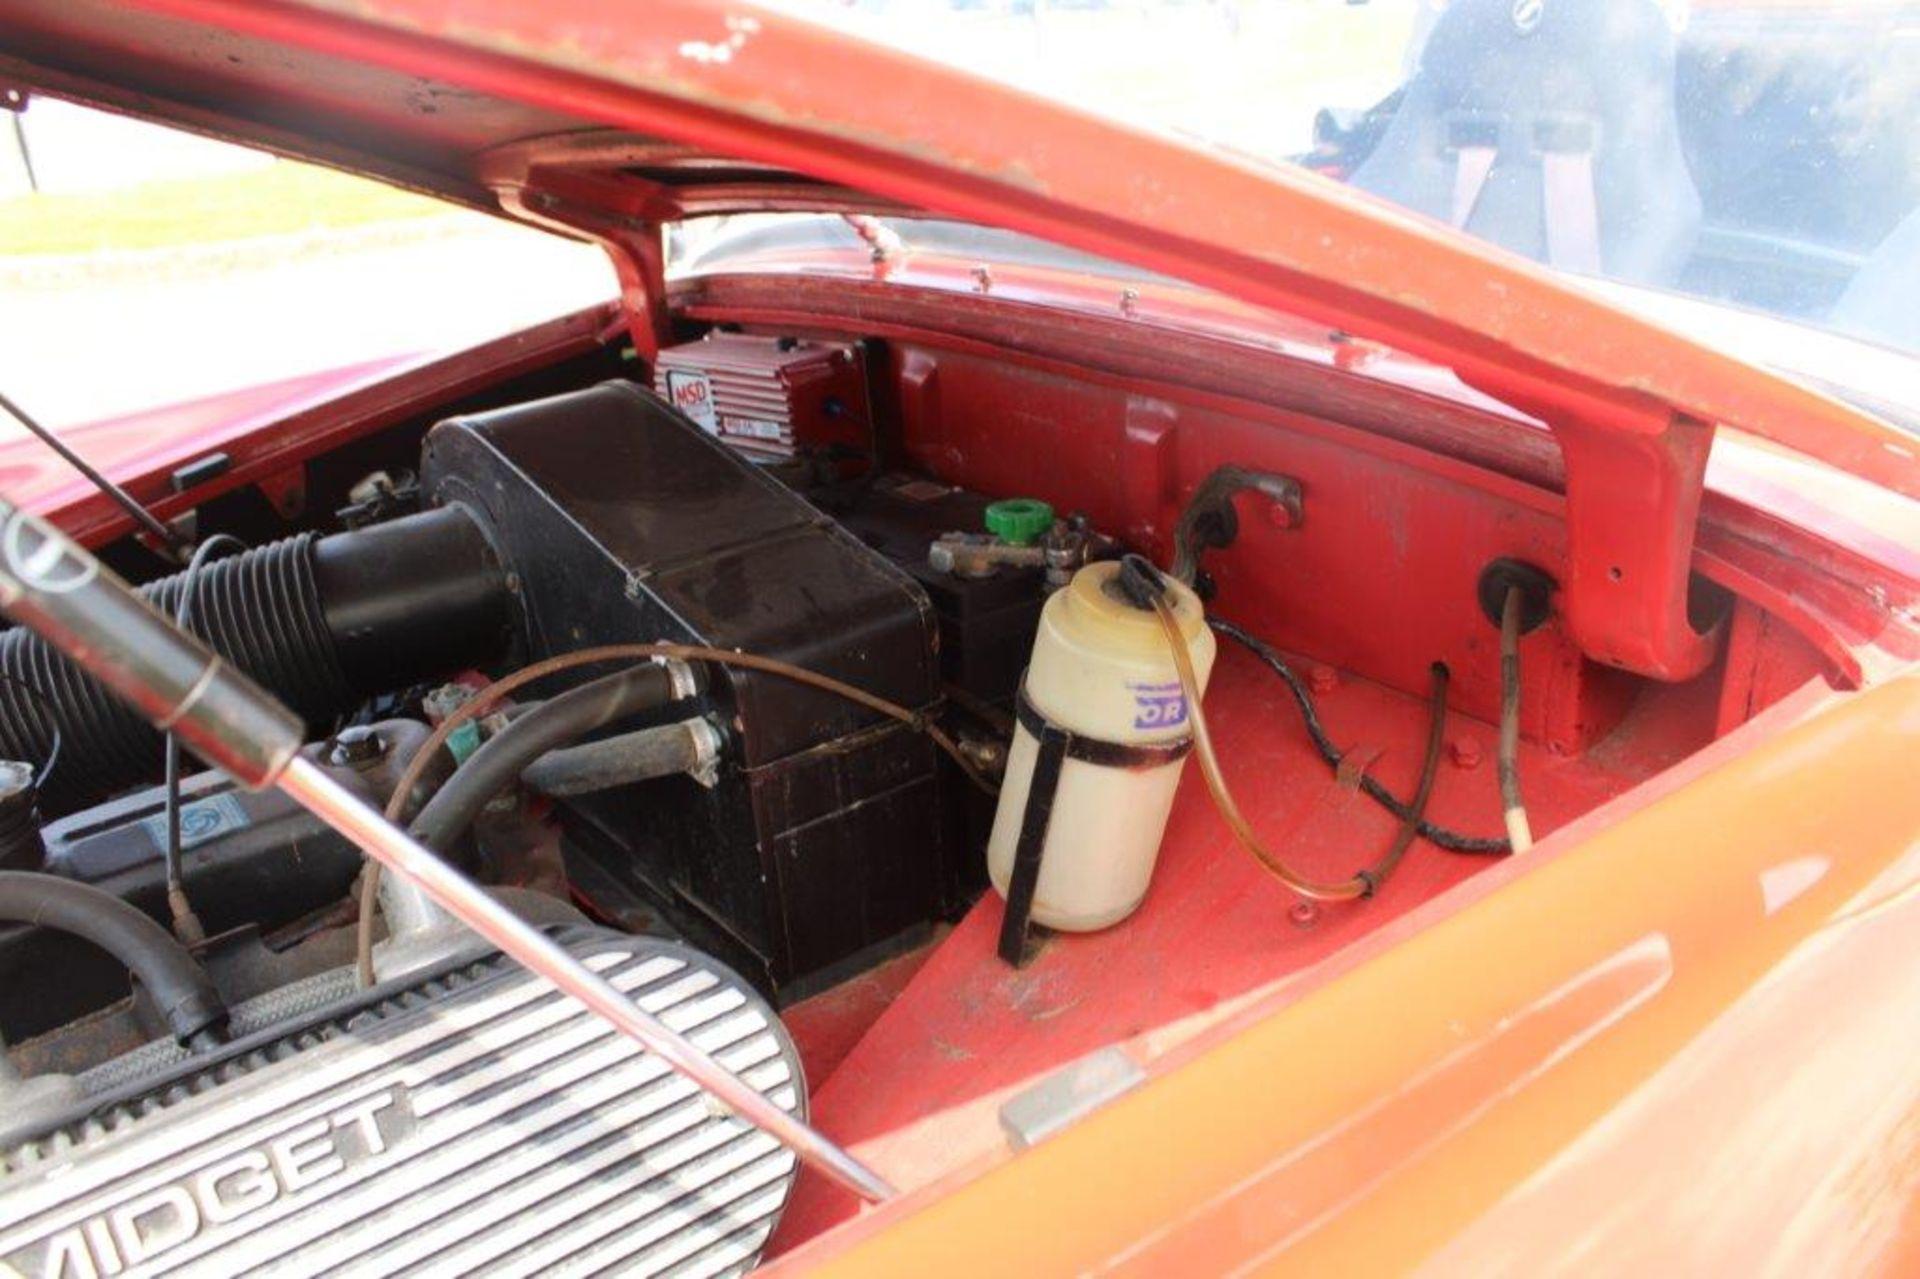 1973 MG Midget MK III - Image 18 of 25